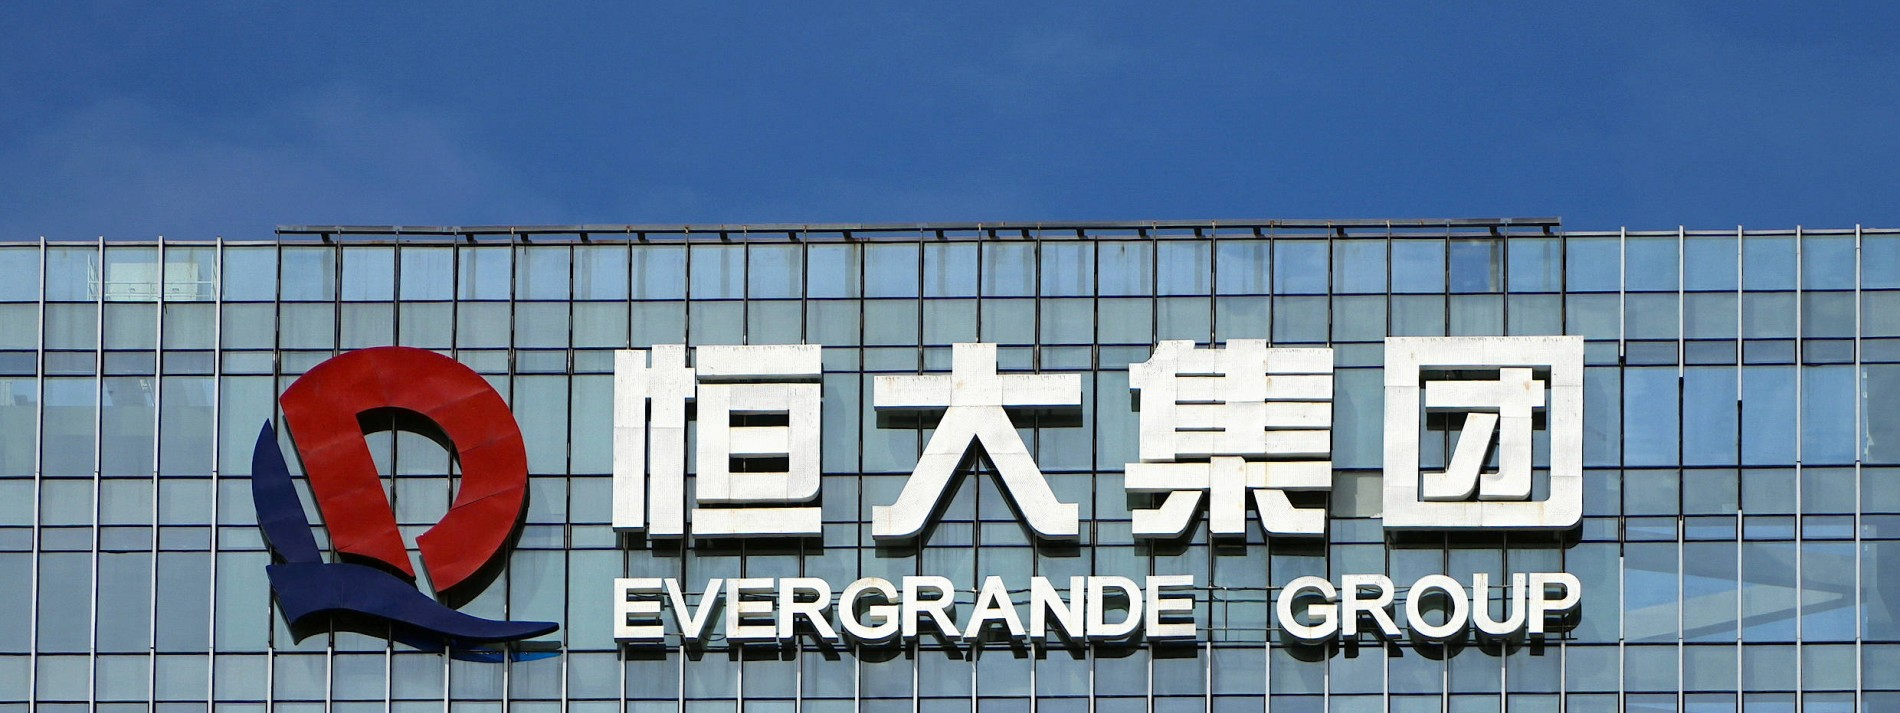 Krisenkonzern Evergrande leistet Zinszahlung für Yuan-Anleihe